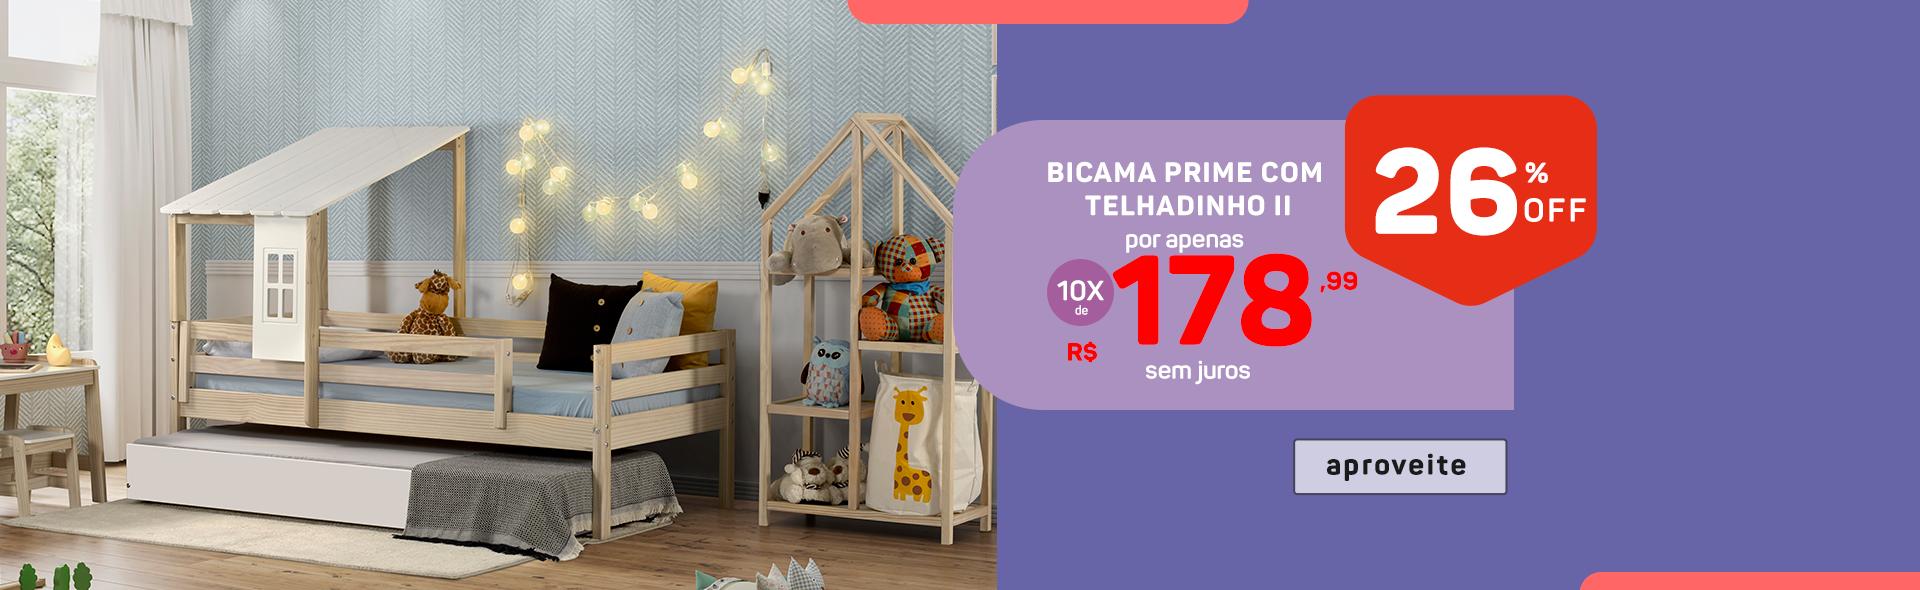 02 - Bicama Prime